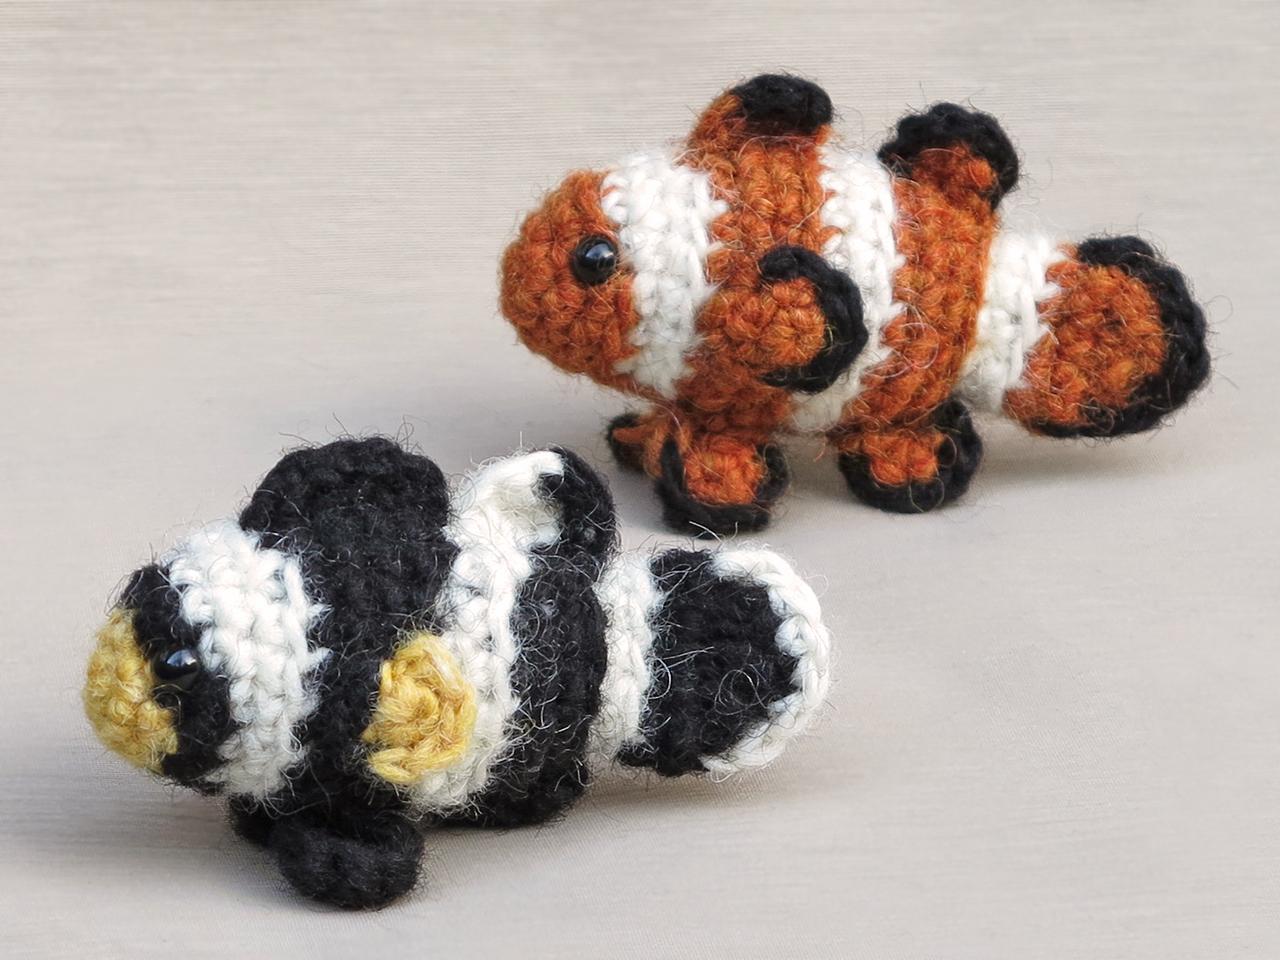 Amigurumi Joris And Josje Free Crochet Pattern - amigurumi ...   960x1280